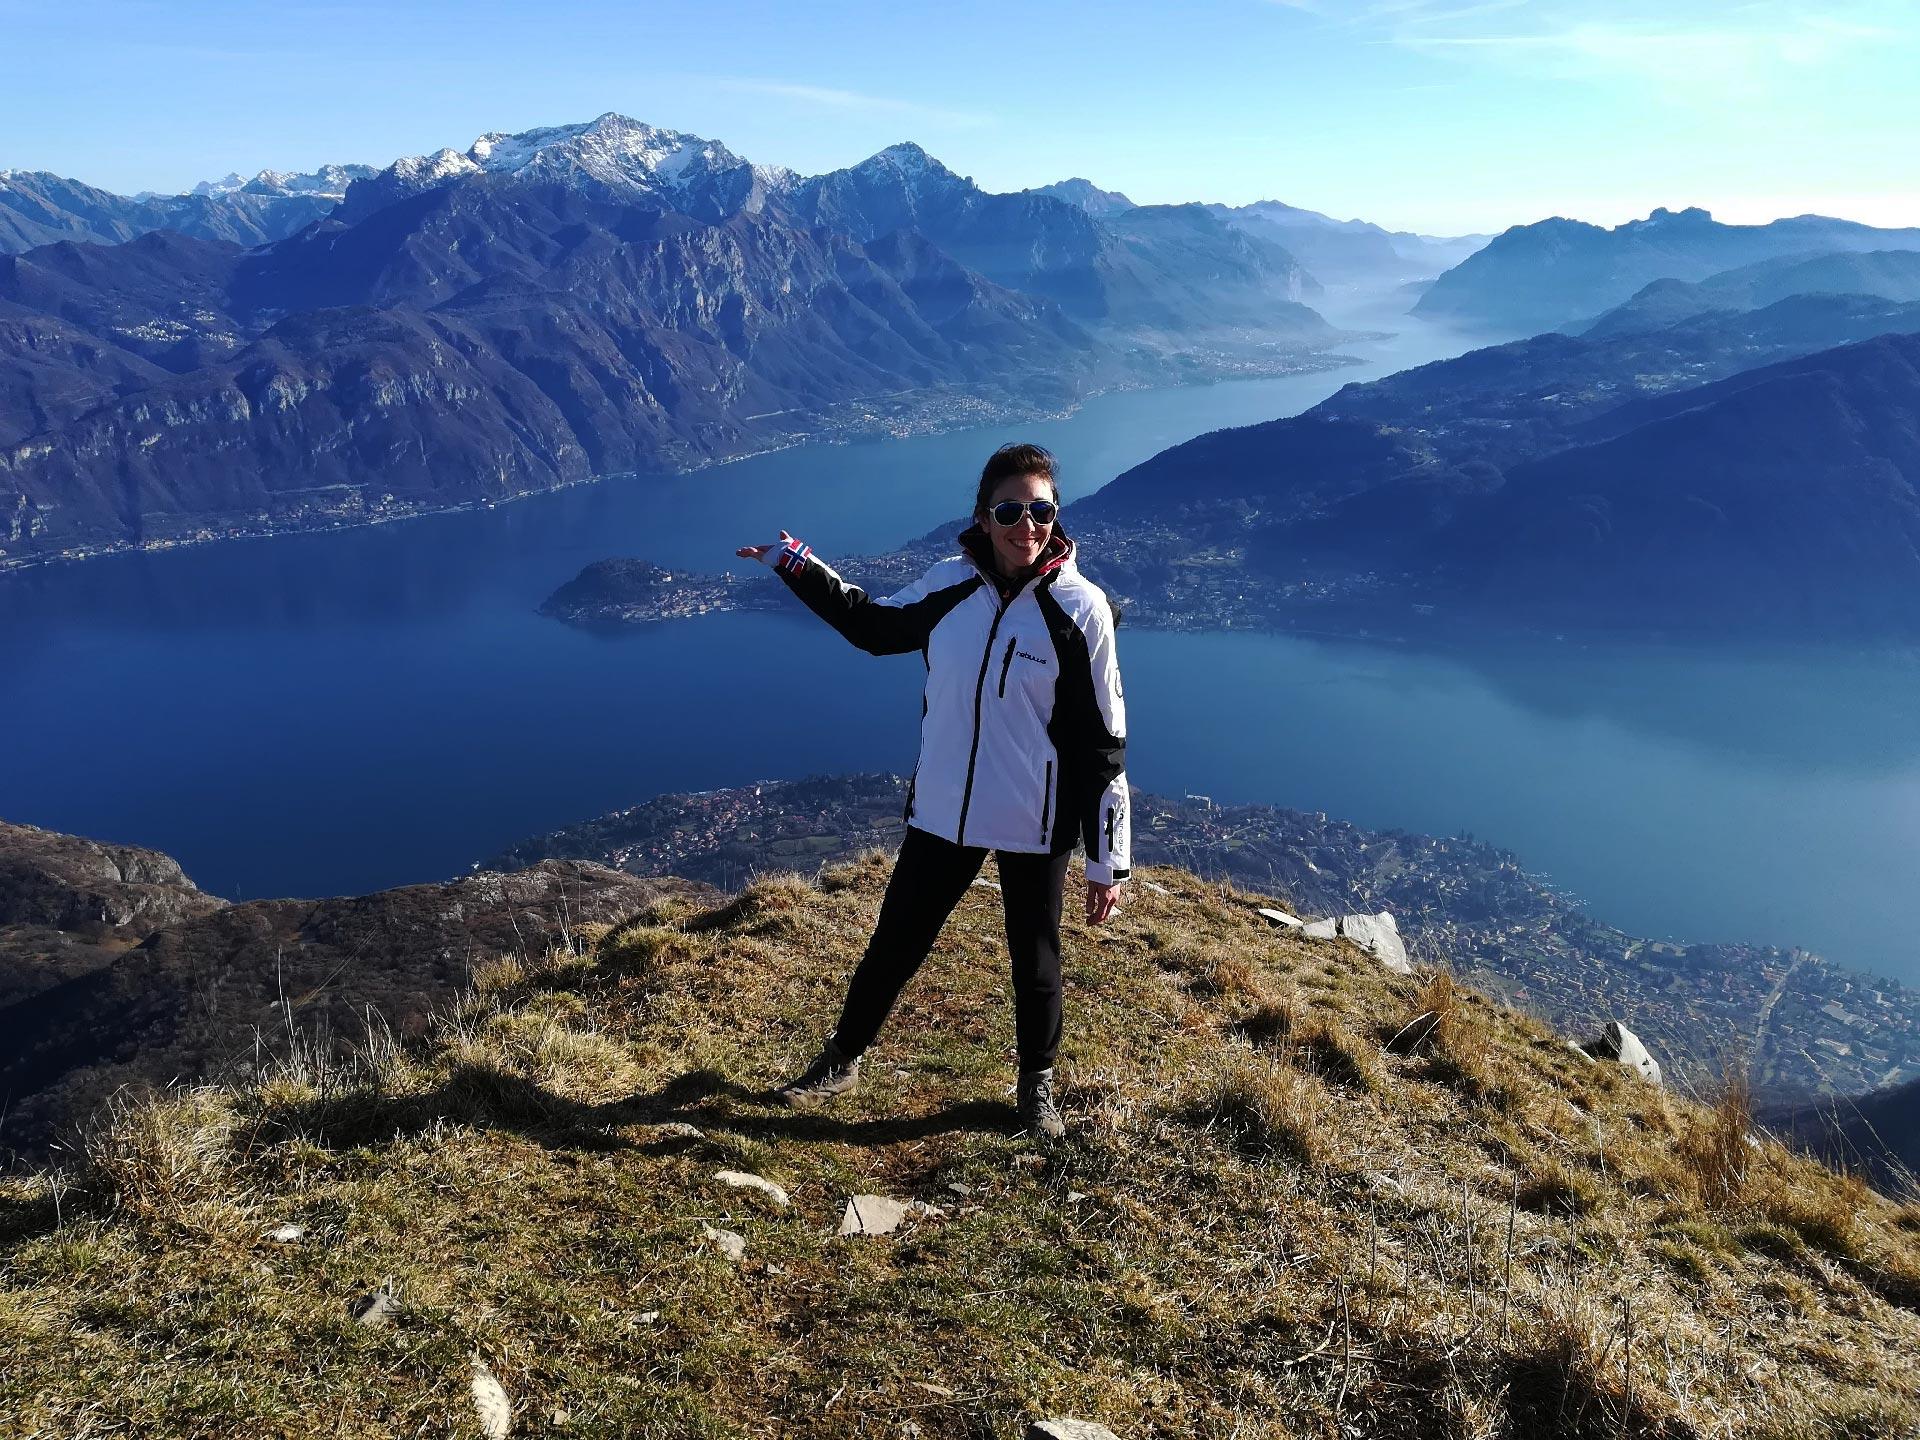 lago di Como visto dalla cima del monte Crocione, Lombardia